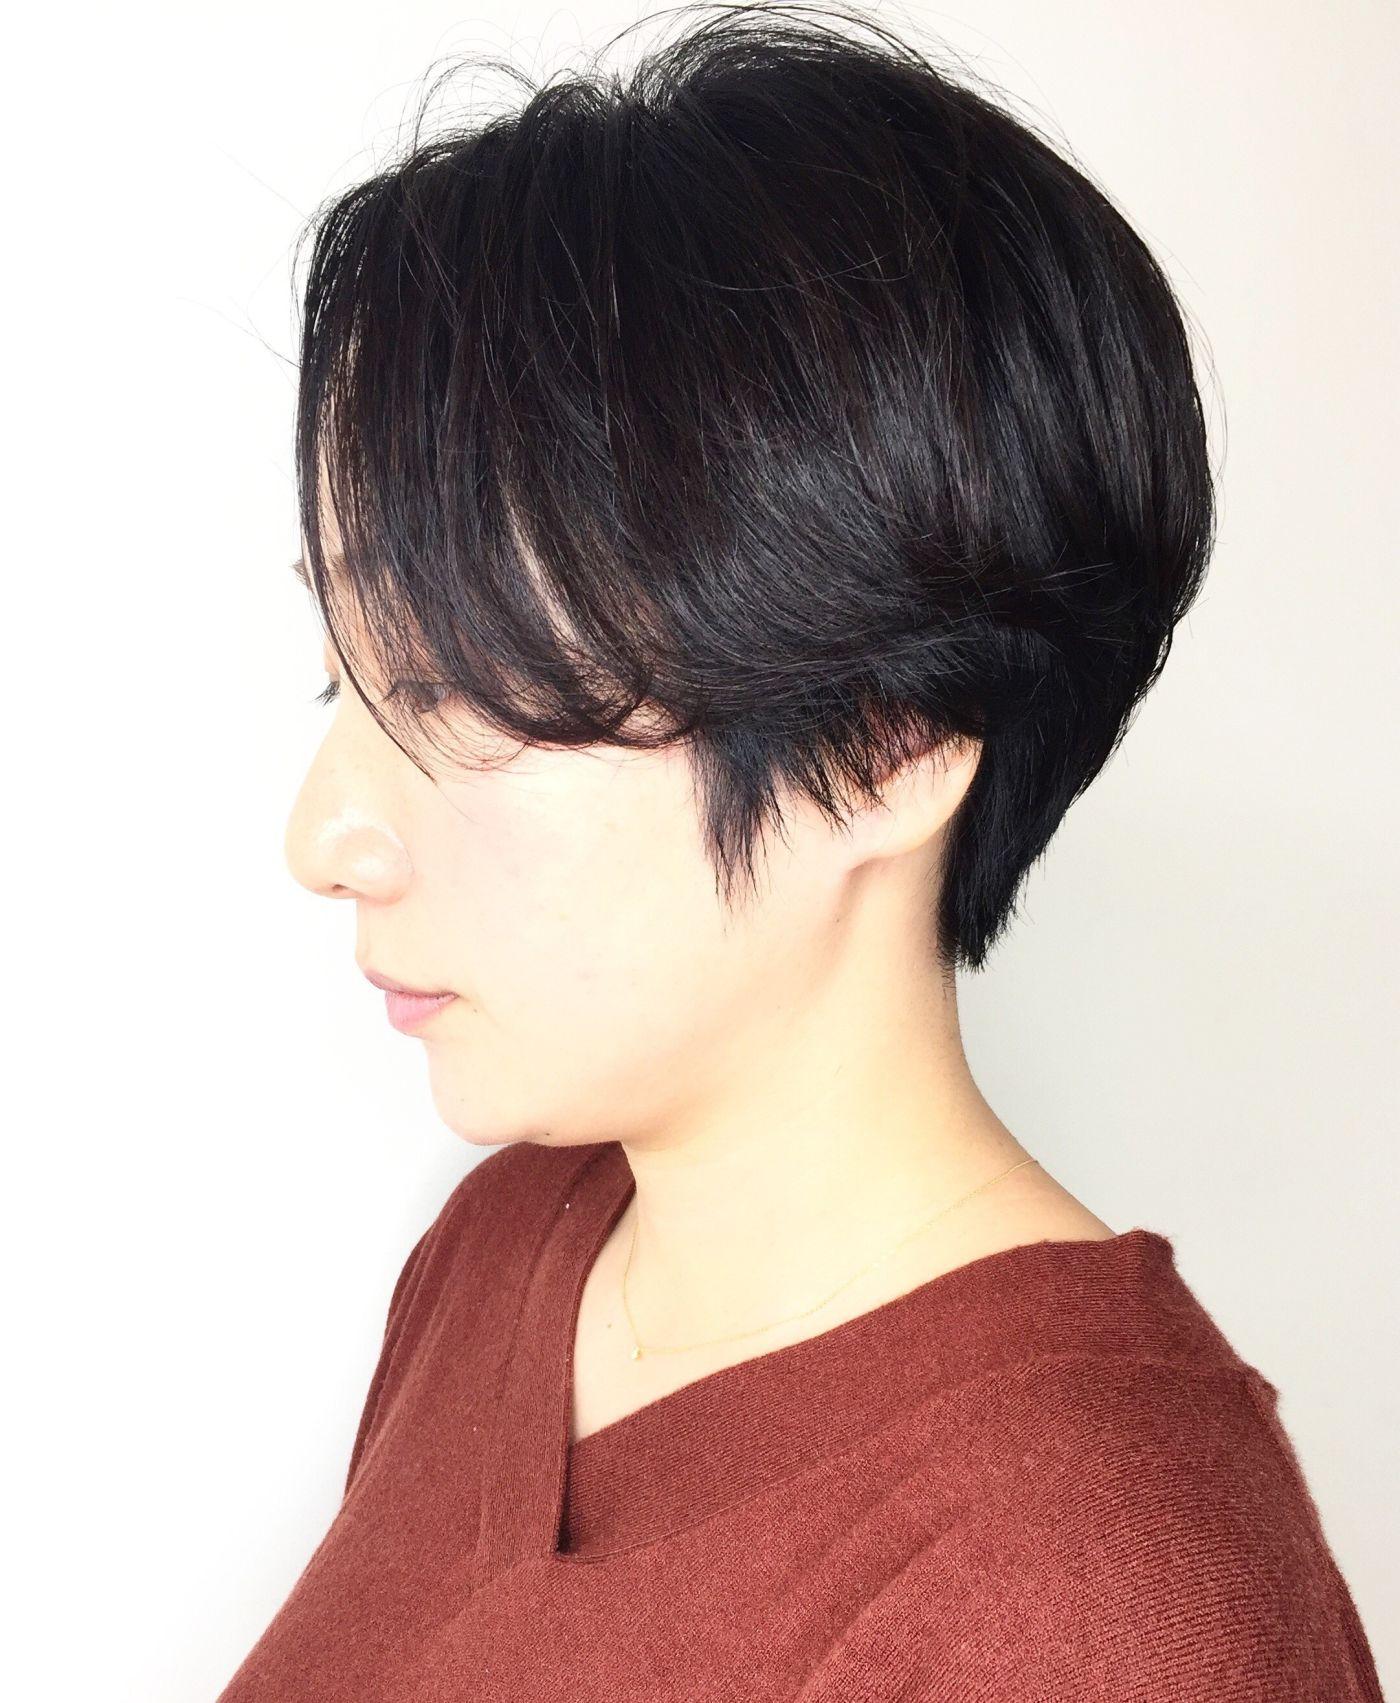 ストレートすぎる髪の毛に柔らかさを出したいならポイントパーマで柔らかいショートスタイル☆